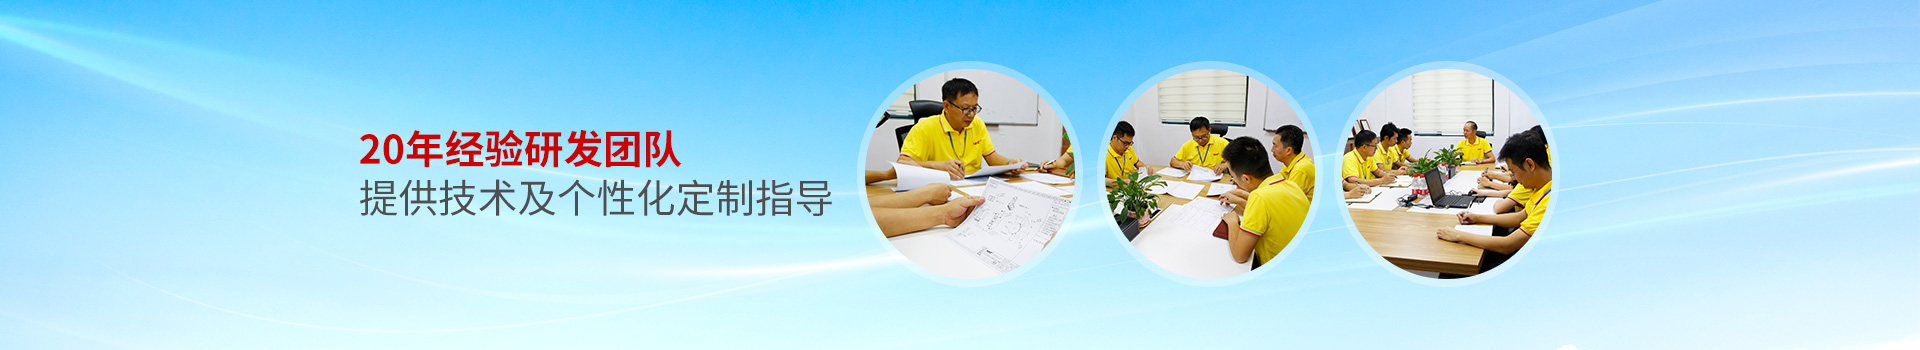 诺能泰20年经验研发团队 提供技术及个性化定制指导